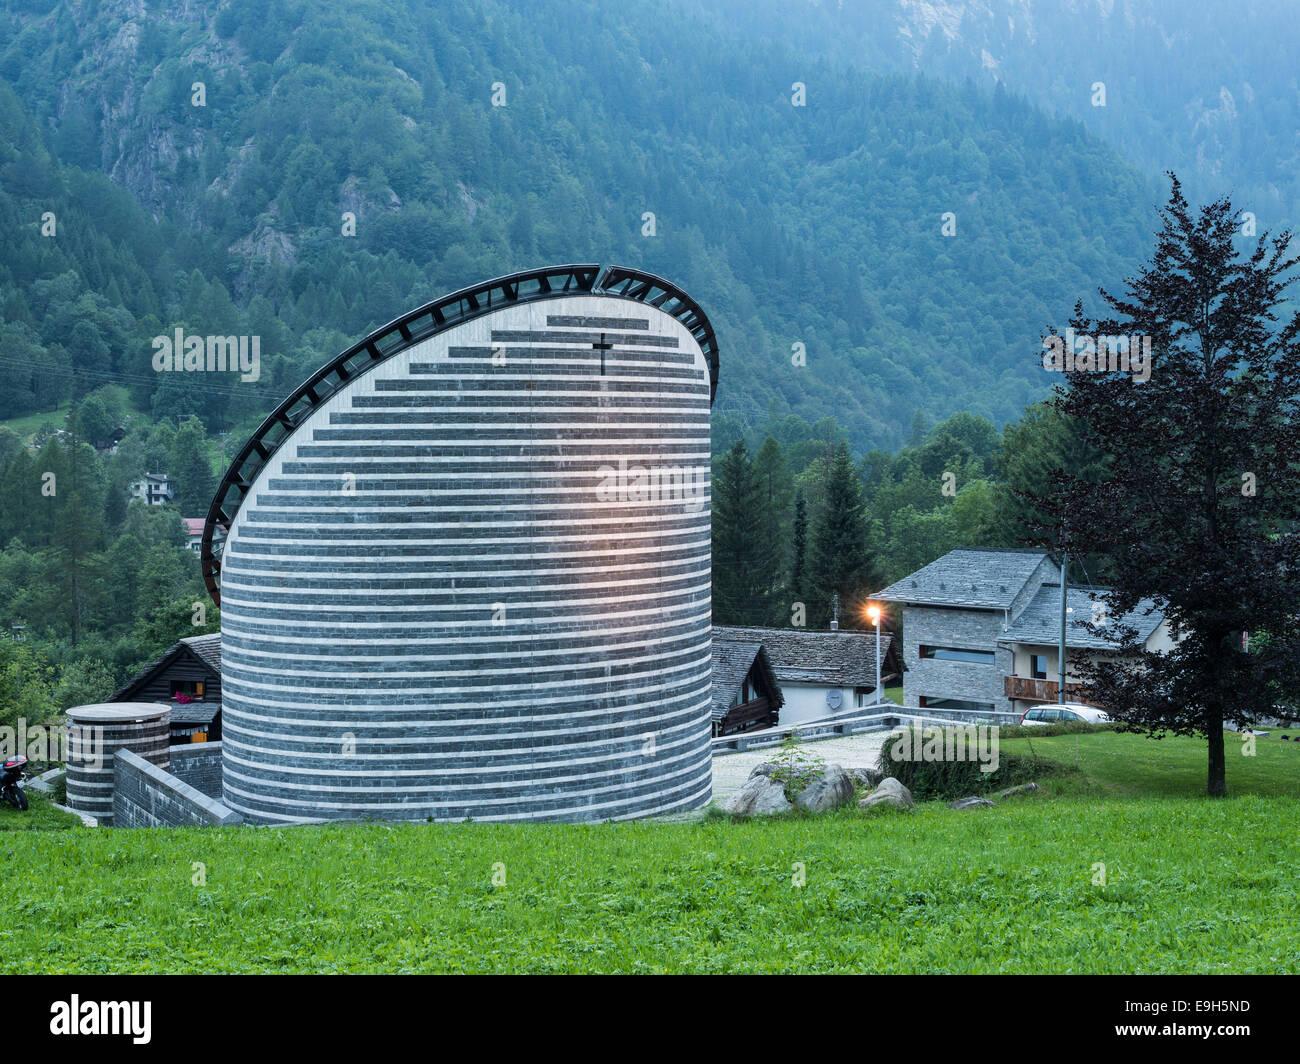 Église paroissiale de San Giovanni Battista, l'architecture moderne par Mario Botta, Mogno, Lavizzara, Canton du Tessin, Suisse Banque D'Images